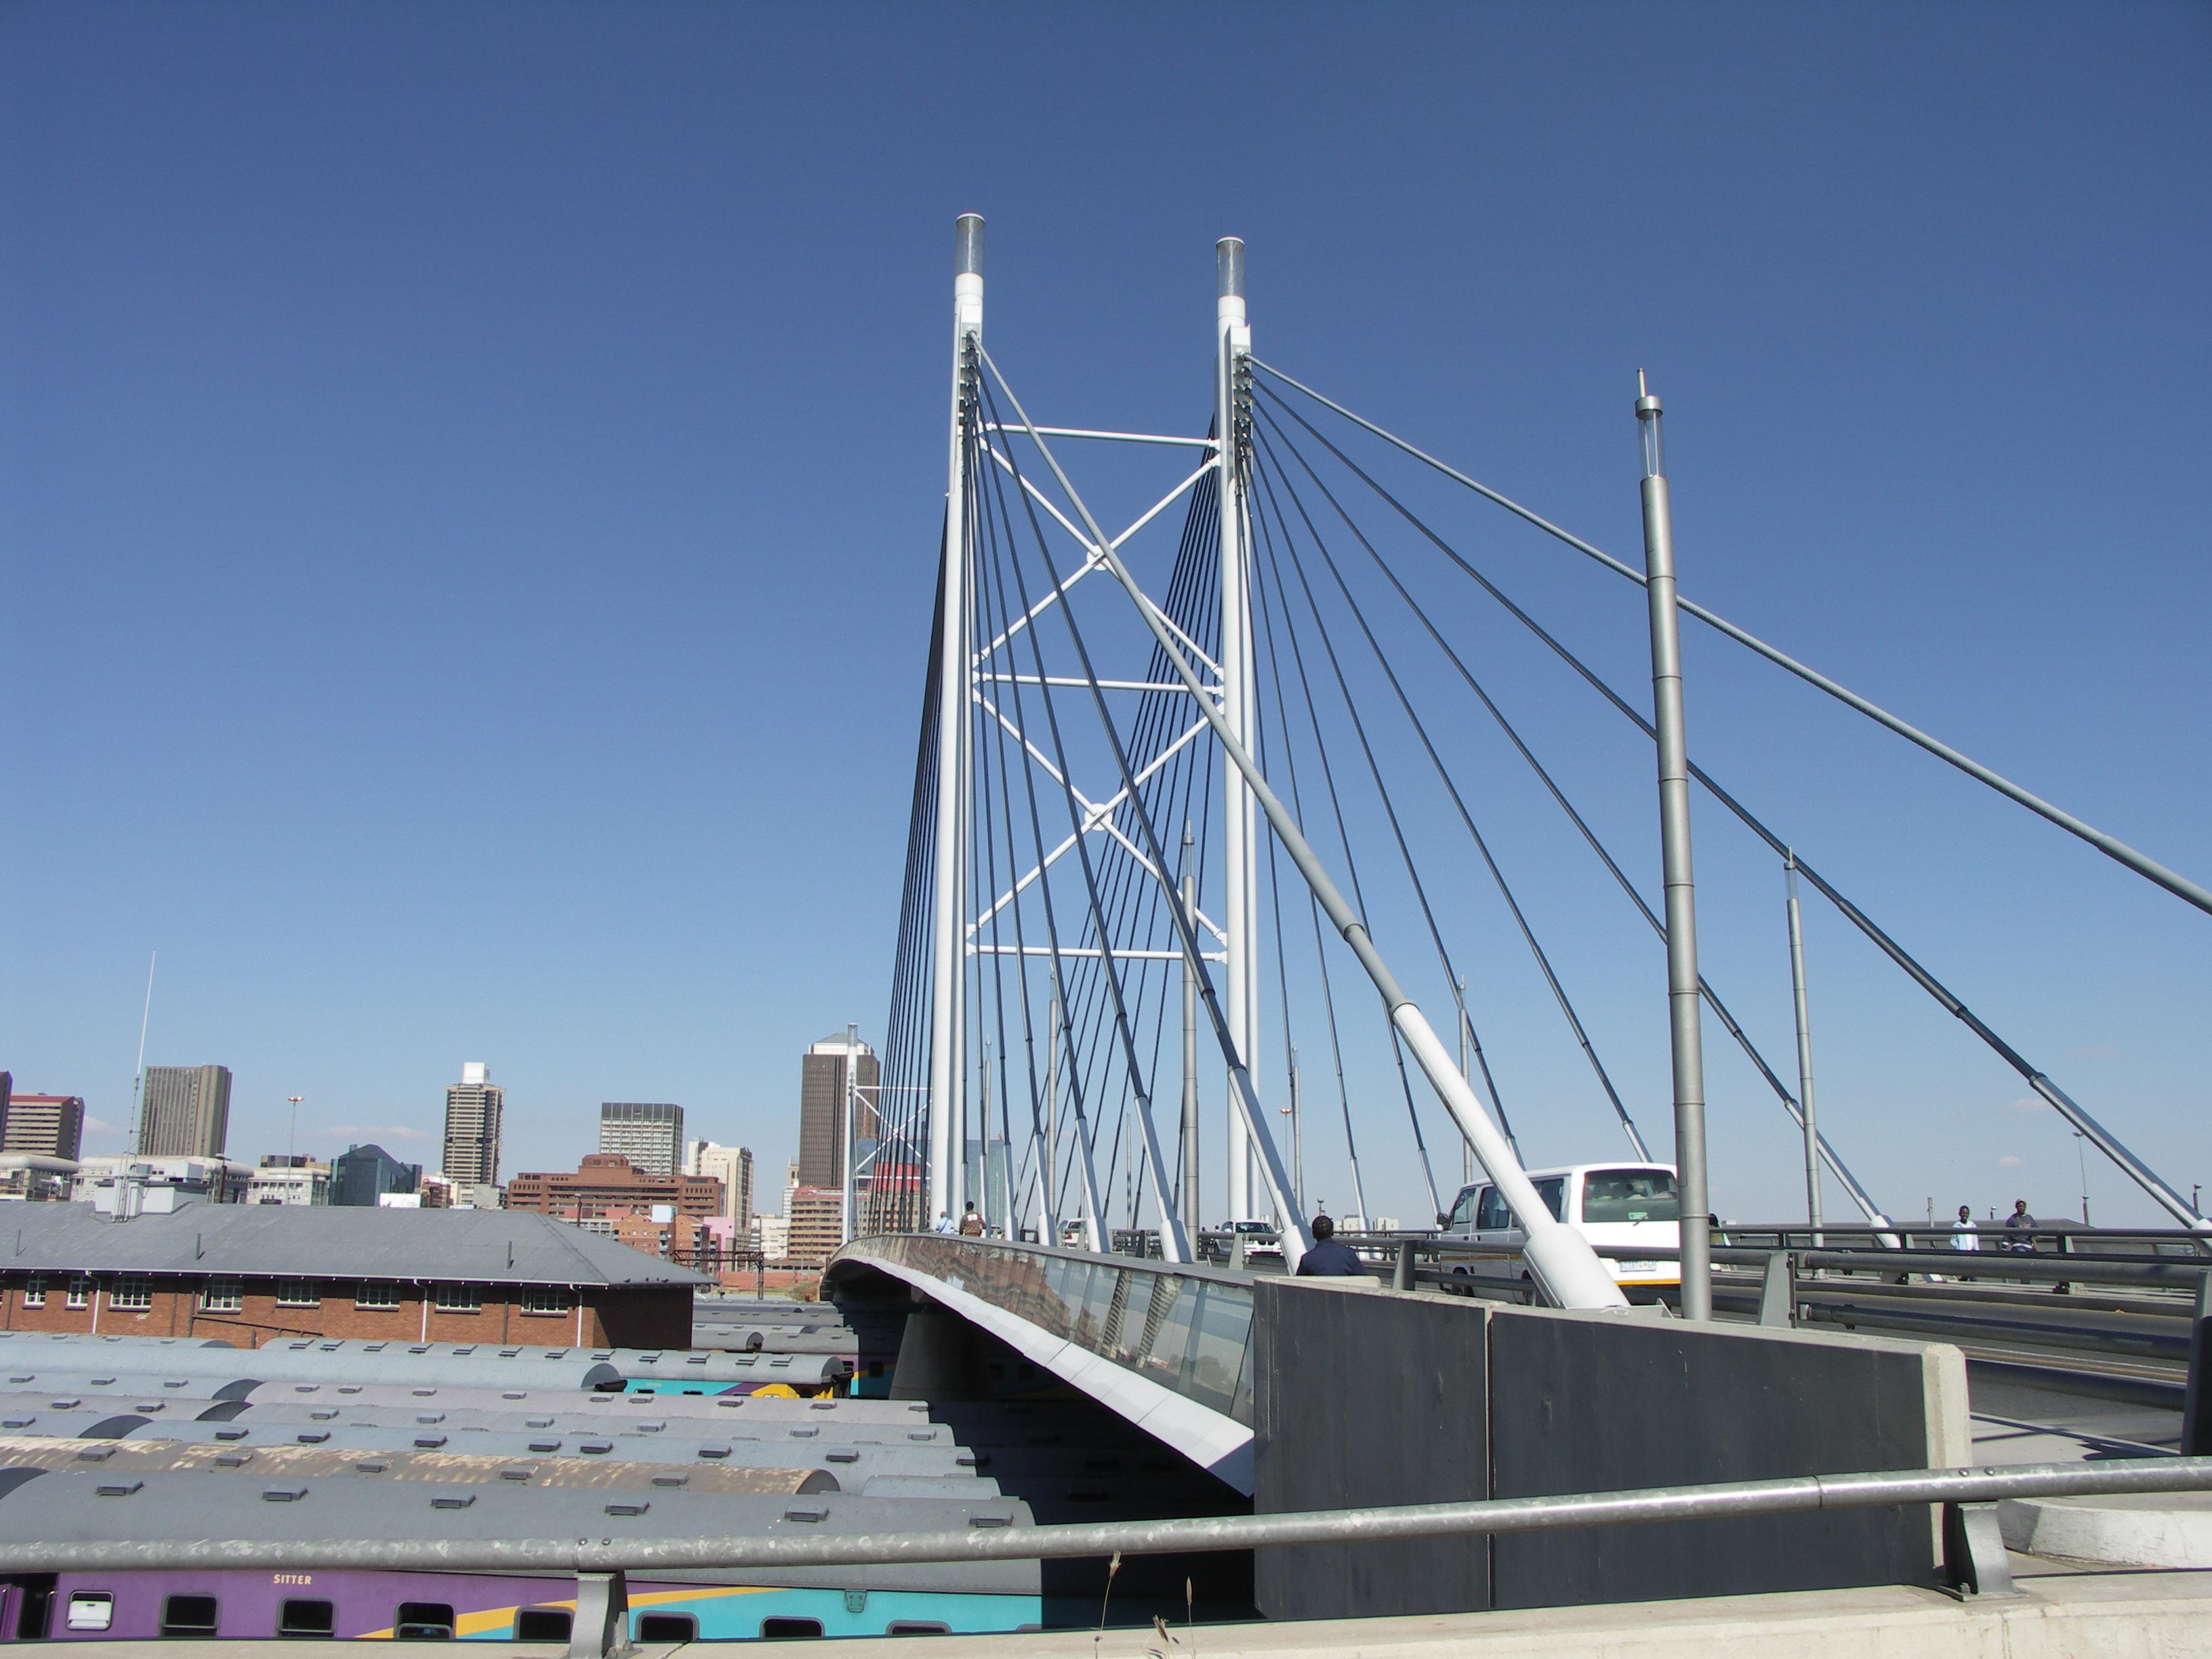 South Africa Johannesburg Nelson Mandela Bridge001